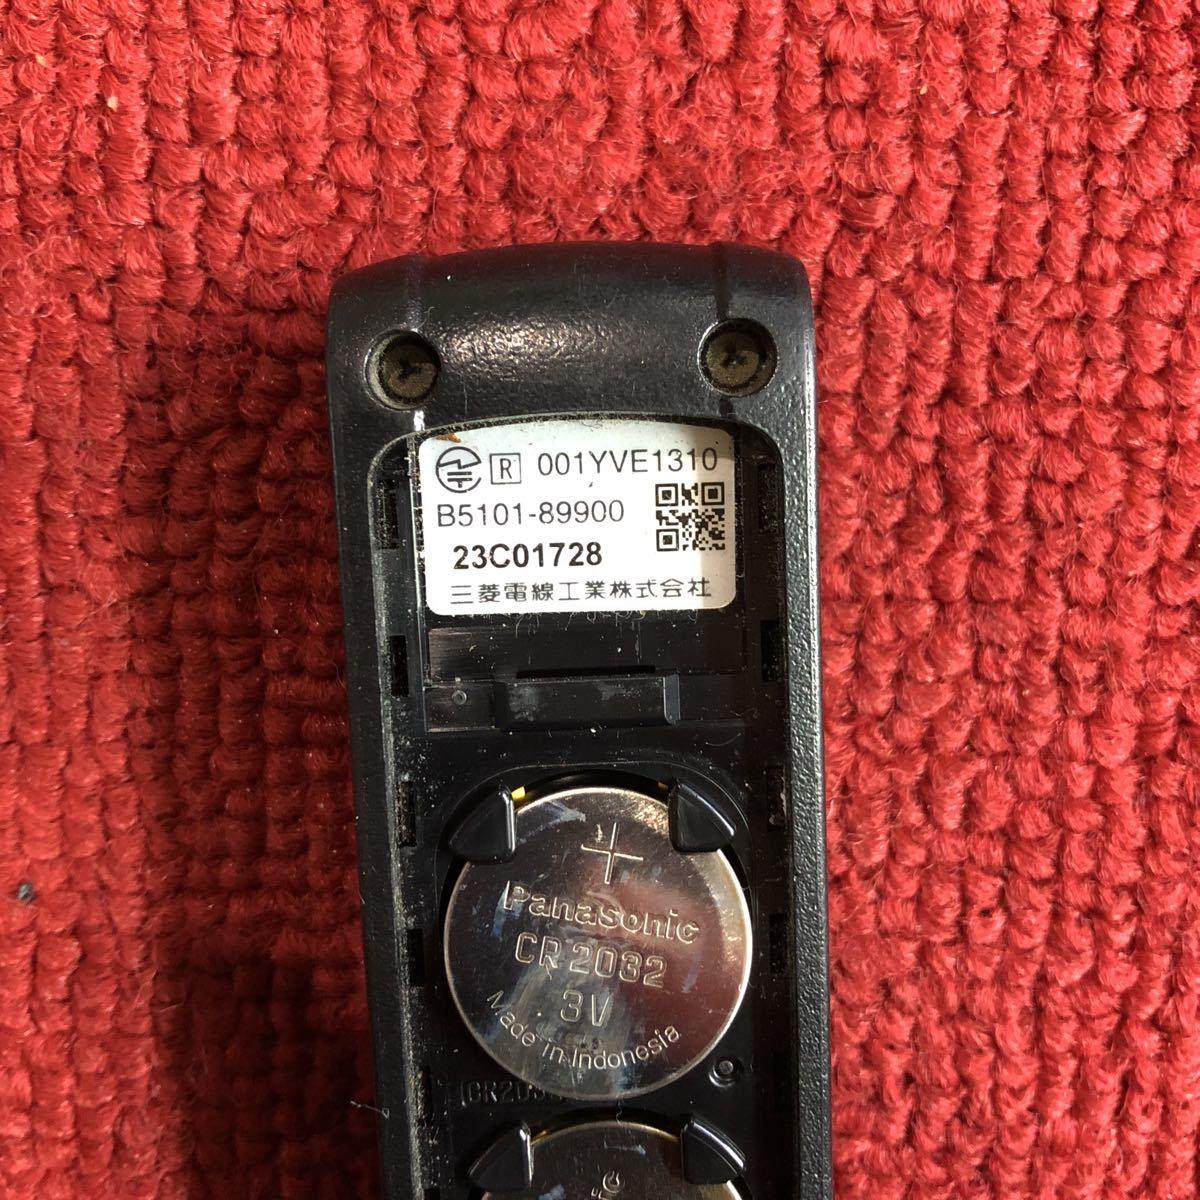 日産 純正 エンジンスターター リモコン 作動確認済み B5101-89900 EE712_画像5